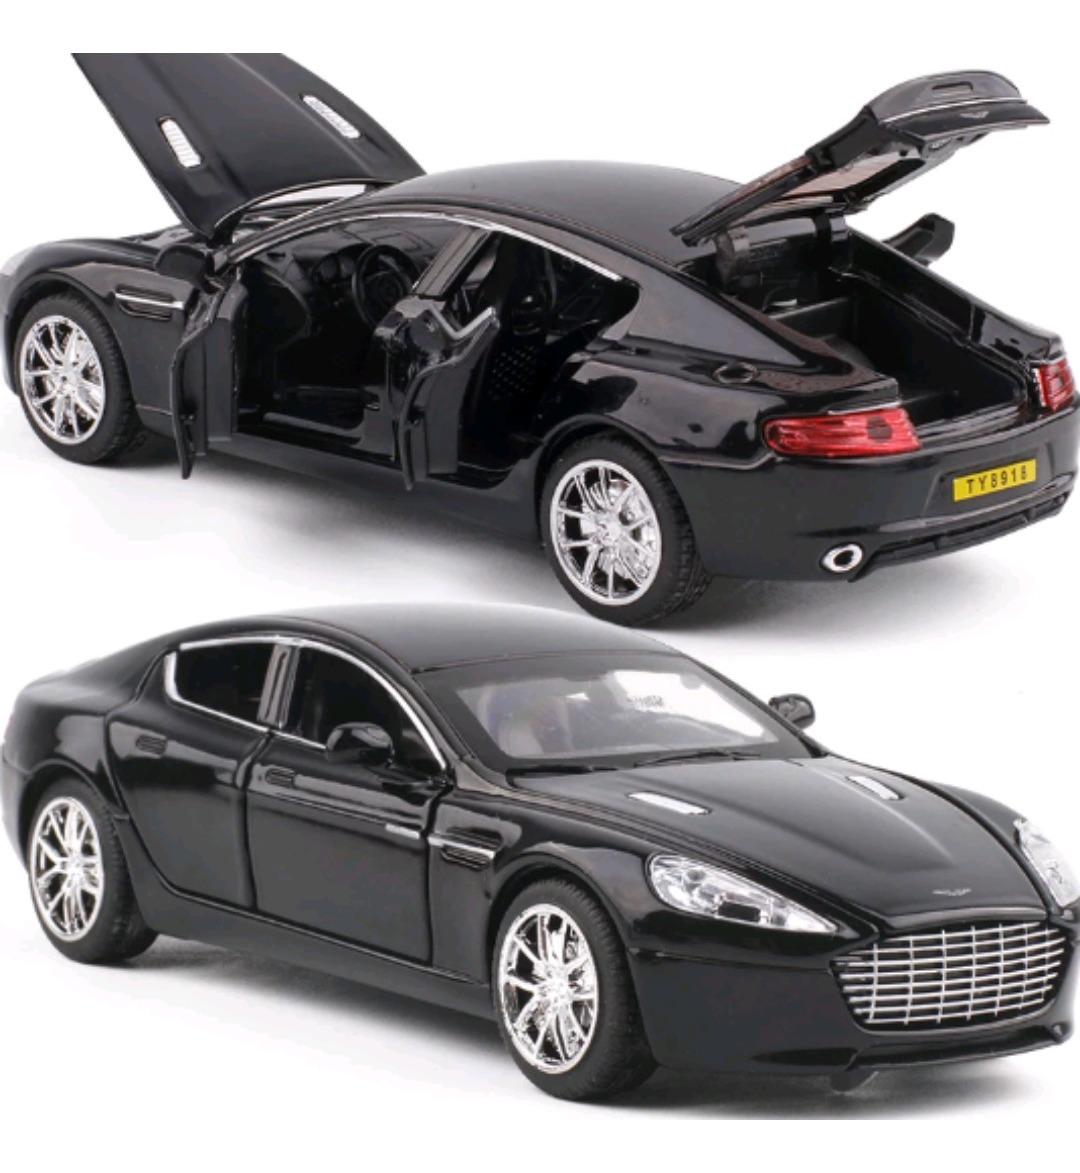 Miniatura Aston Martin Rapide 1:32 Abre 4 Portas Capo E